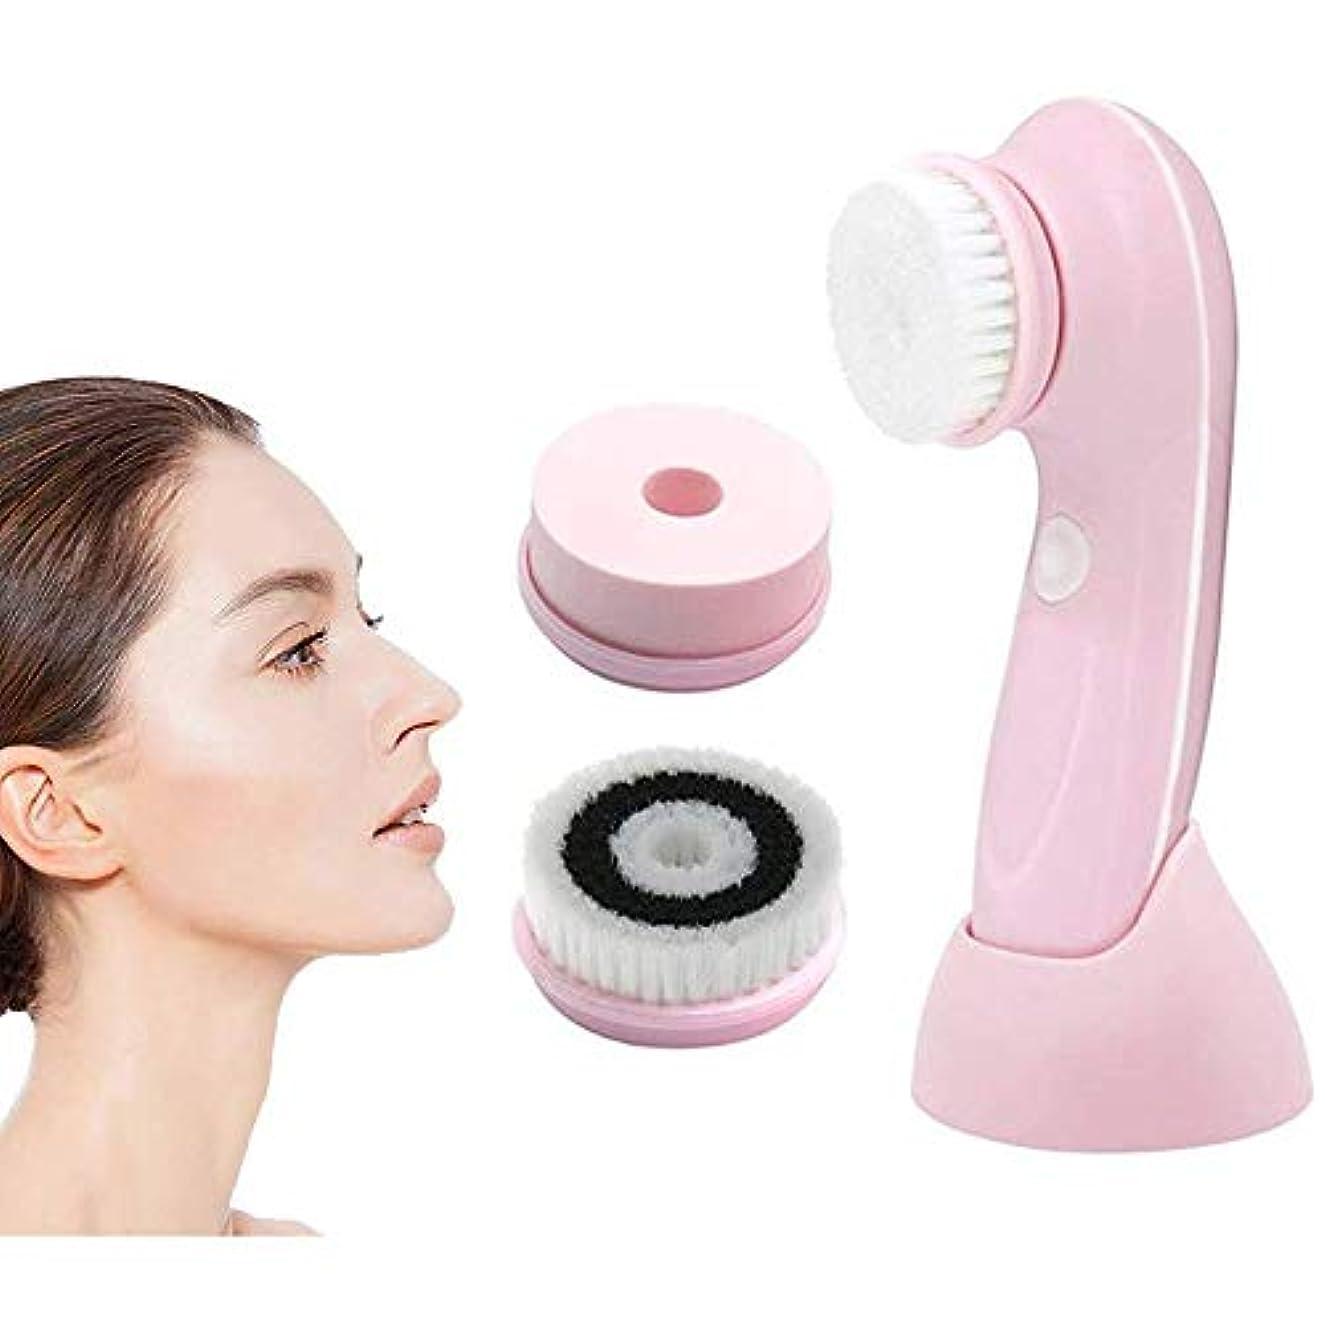 神社哲学的郵便物KJRJCD 洗顔ブラシ、3つの交換用ヘッドとエクスフォリエイティング、ブラックヘッド、ポータブル顔スクラバー用USB充電式プロフェッショナル洗顔ブラシ、ピンクスピニング